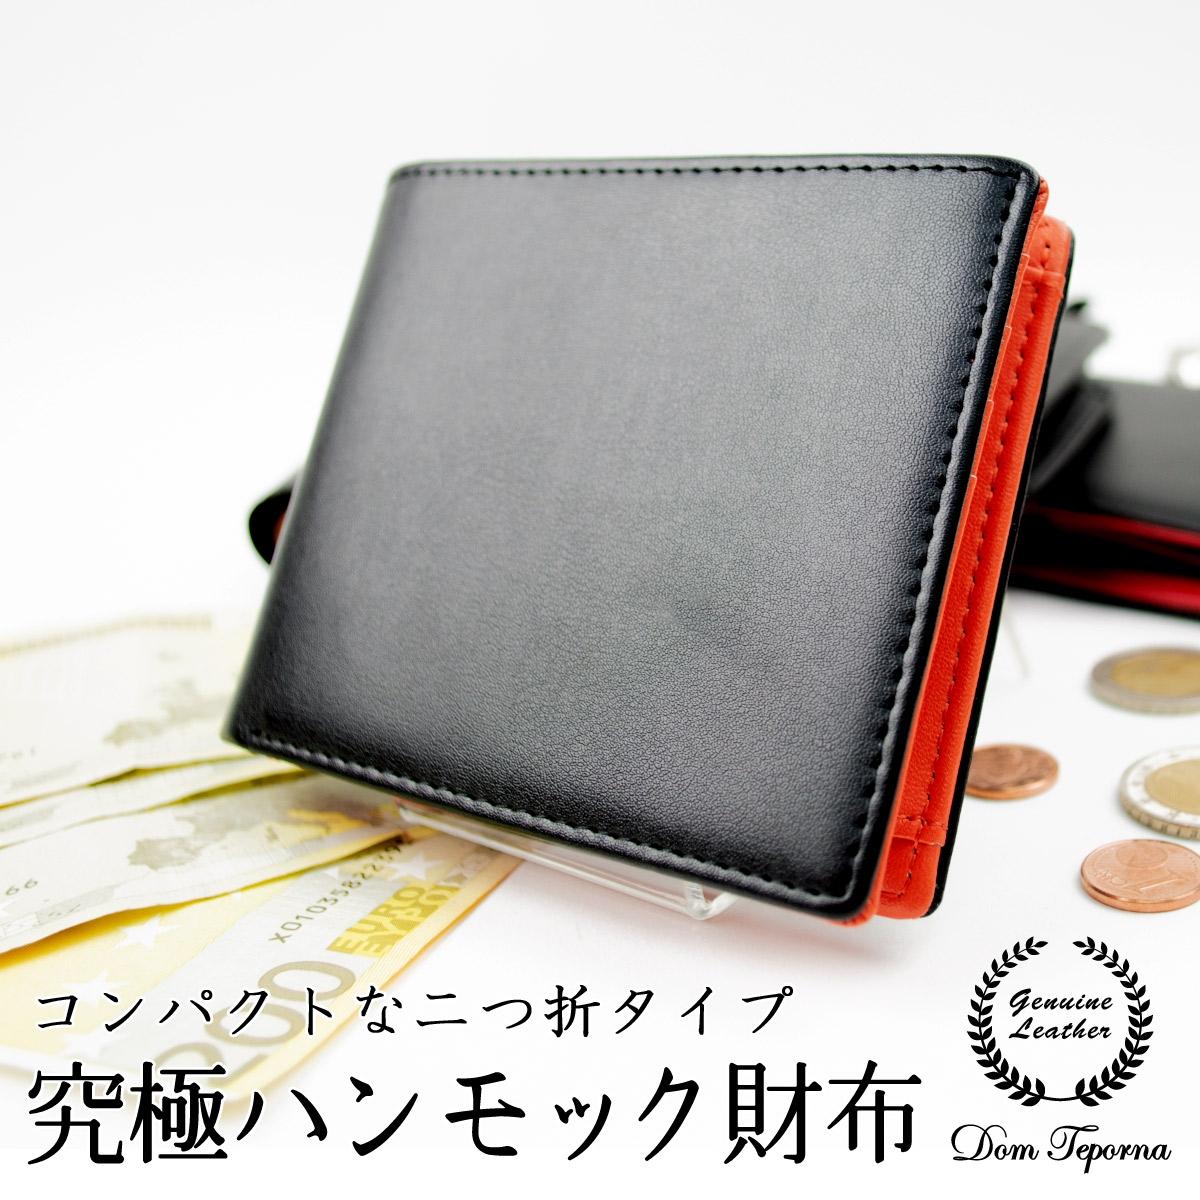 ドン テポーナ(Dom Teporna) 二つ折り財布